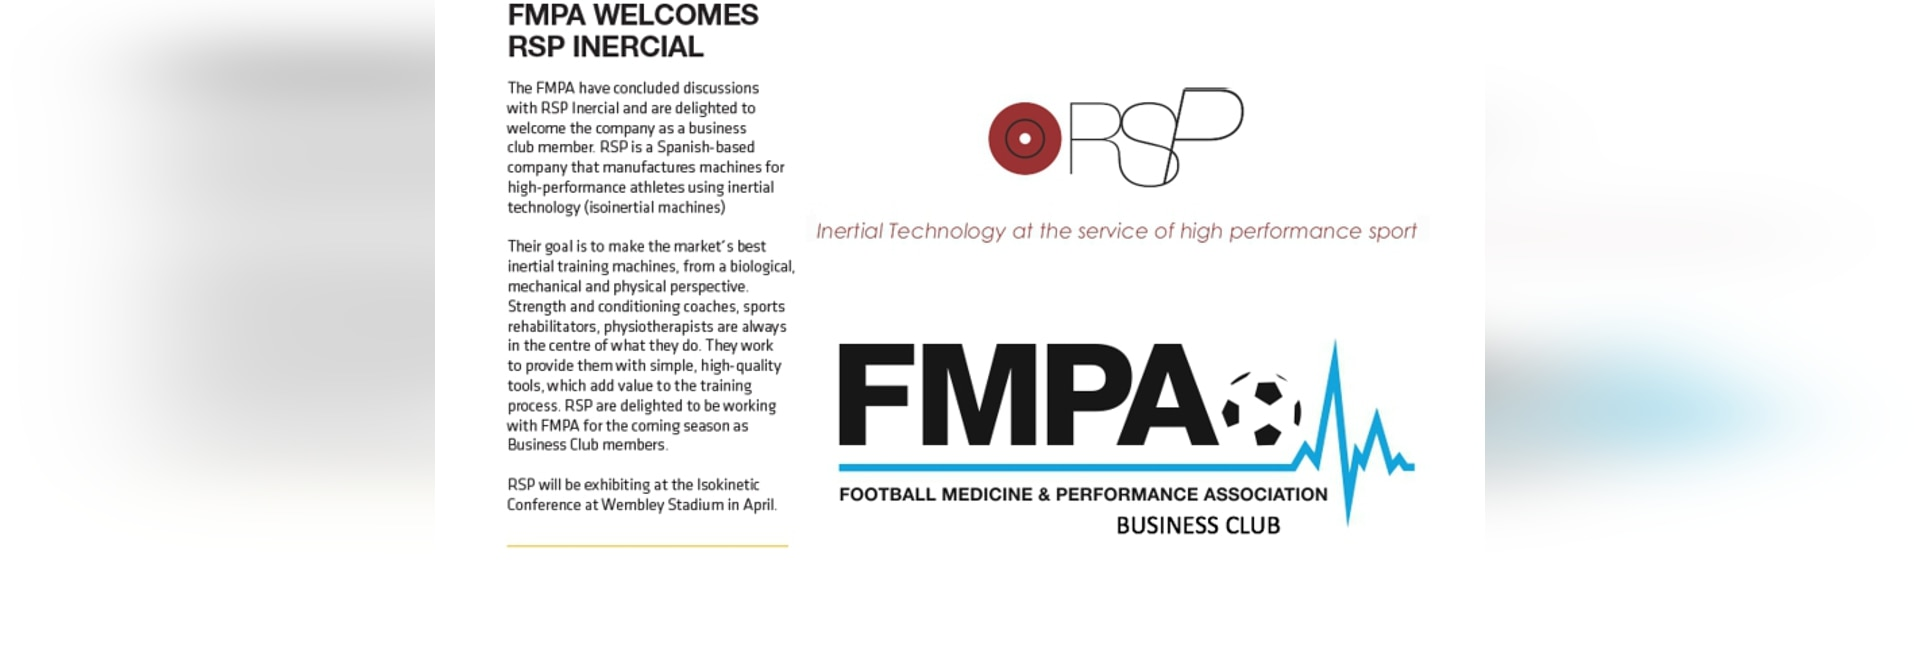 La FMPA se complace en dar la bienvenida al RSP